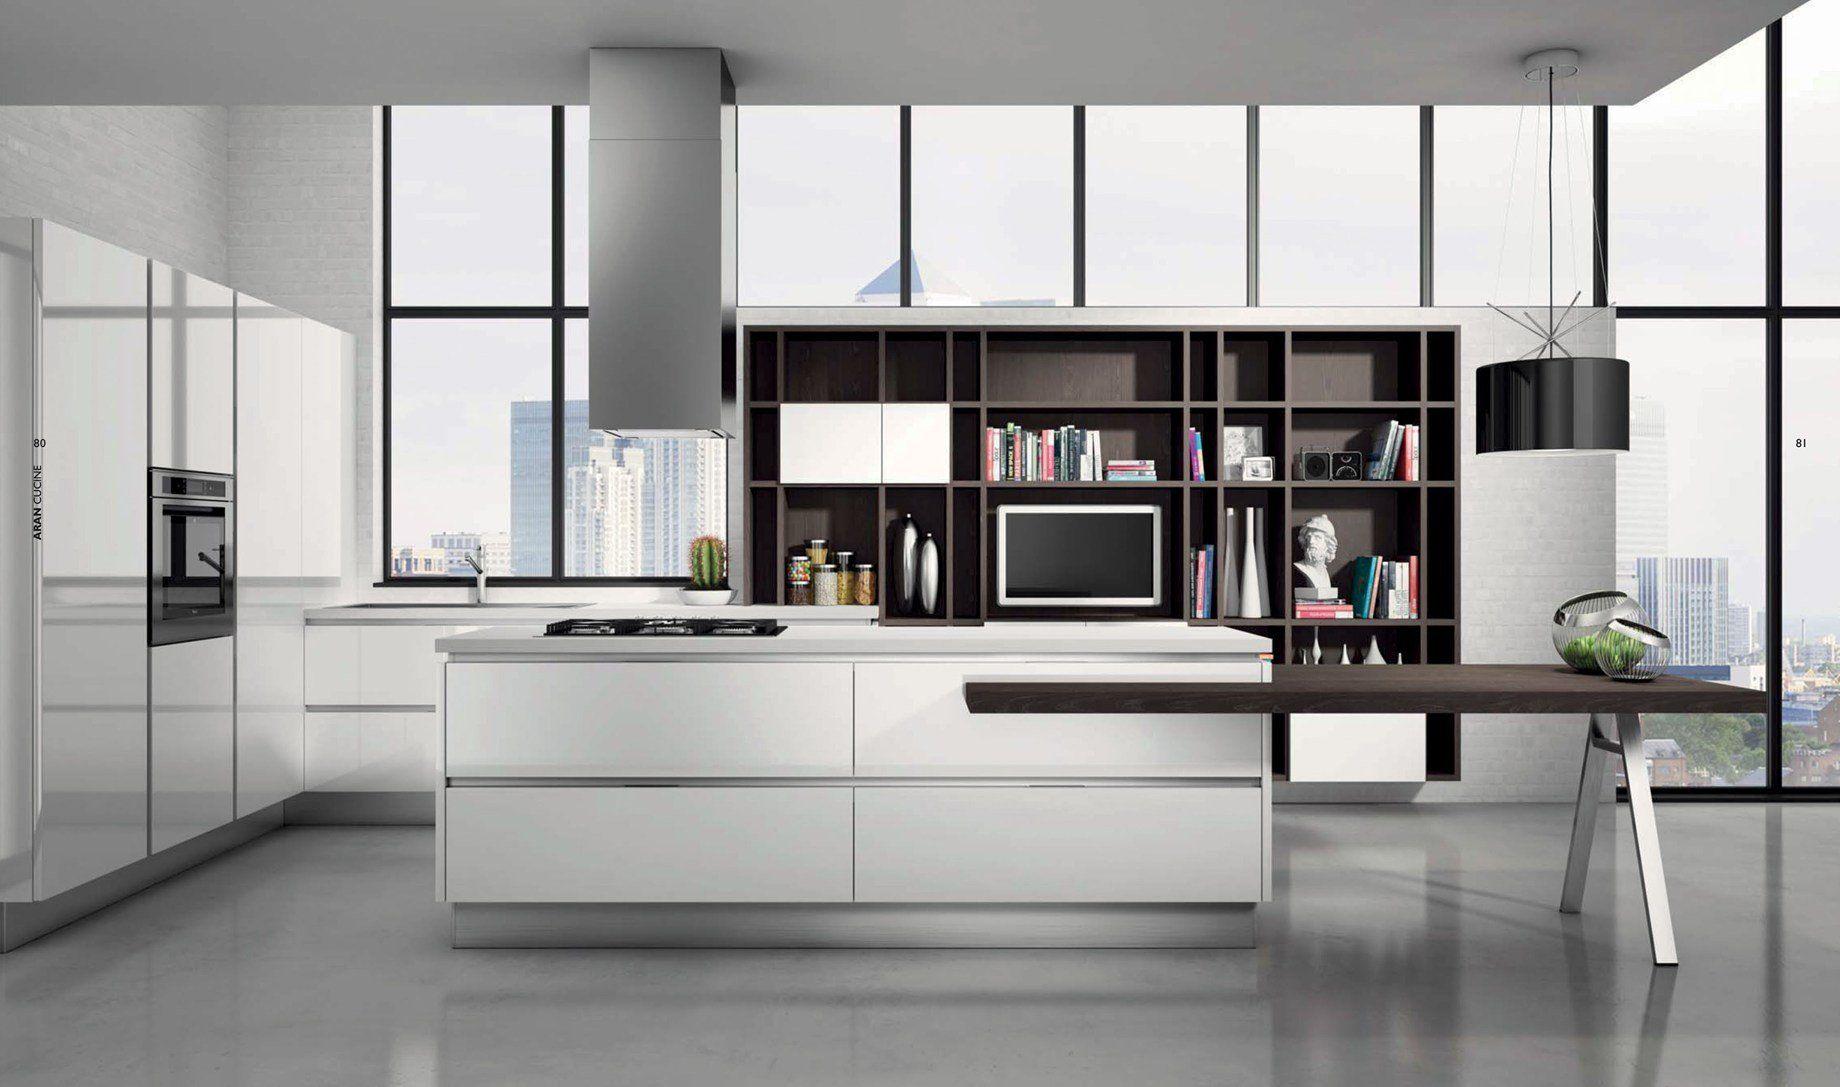 Beautiful Aran Cucine Opinioni Gallery - Design & Ideas 2017 - candp.us